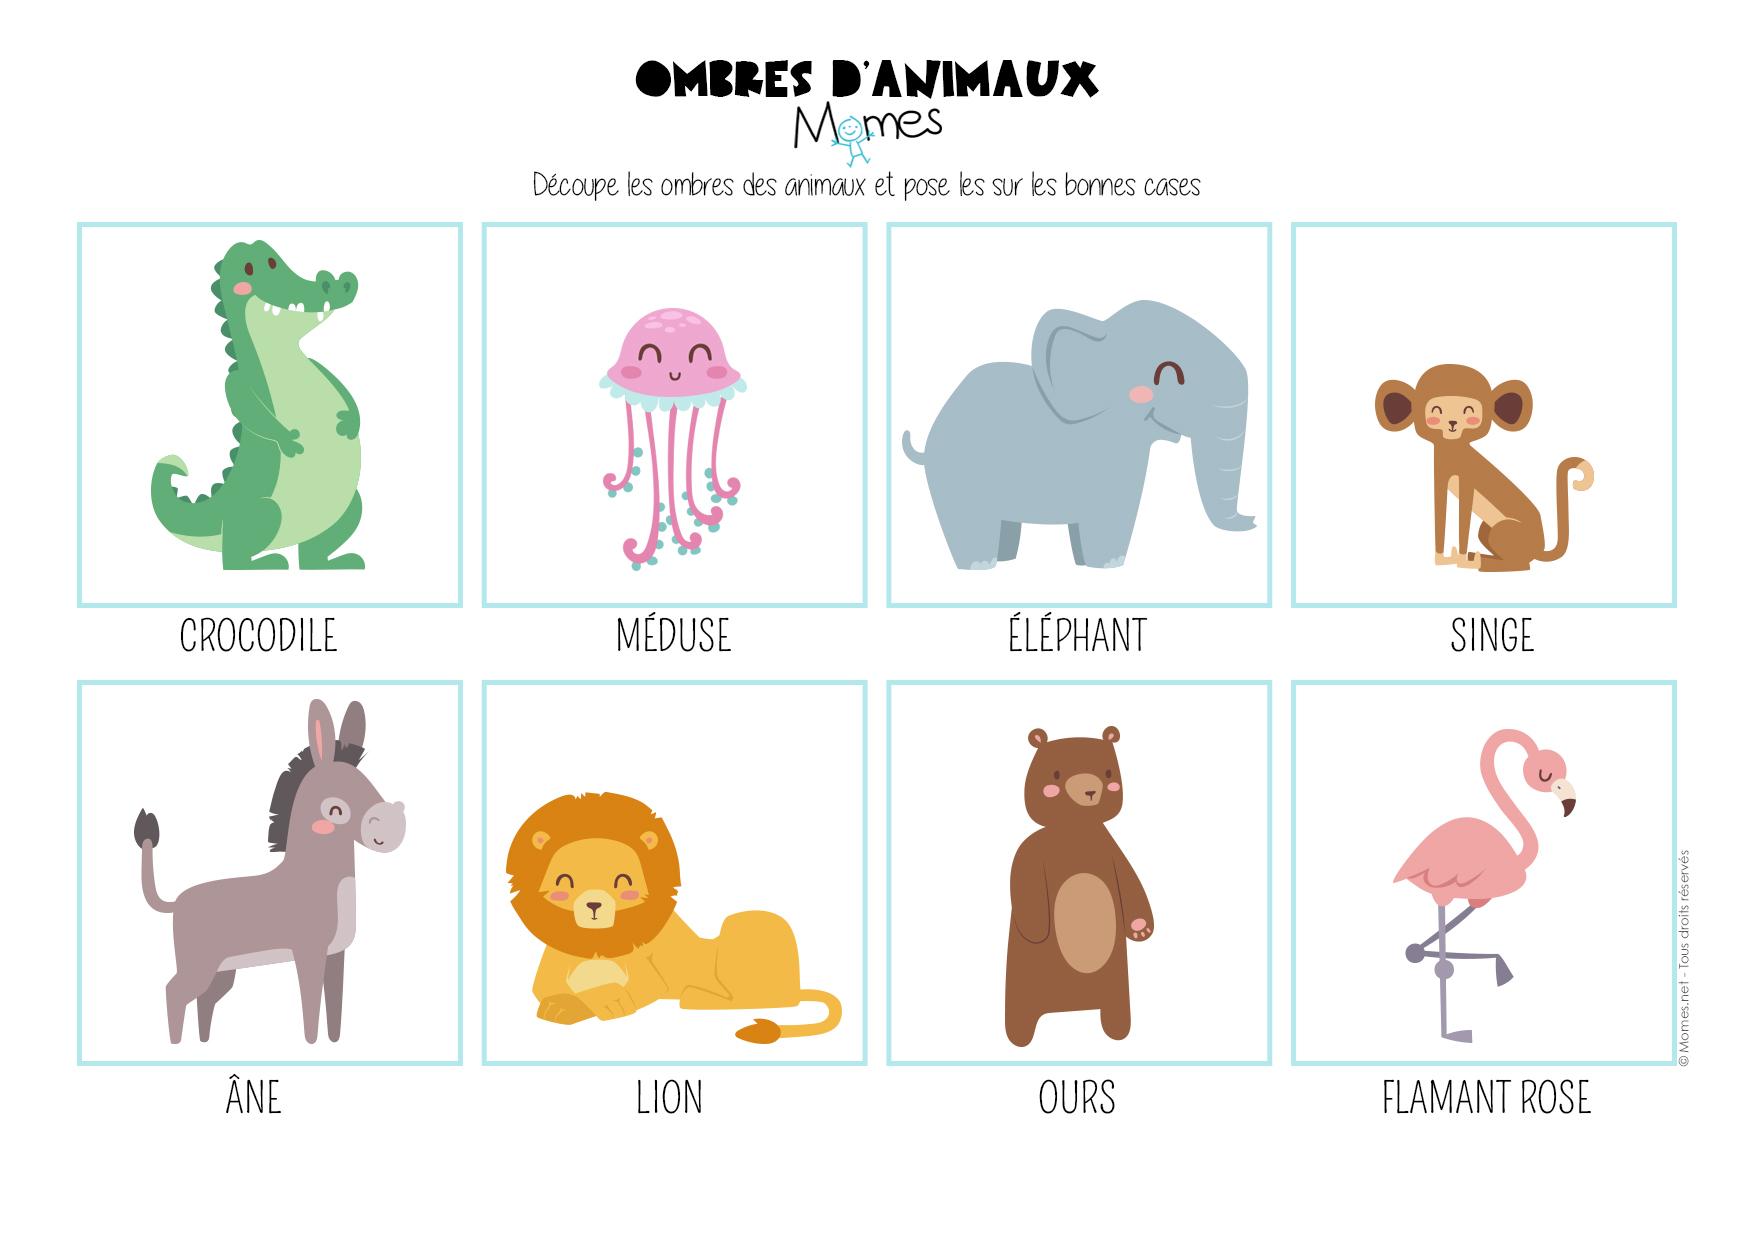 Le jeu des ombres d\'animaux - Momes.net